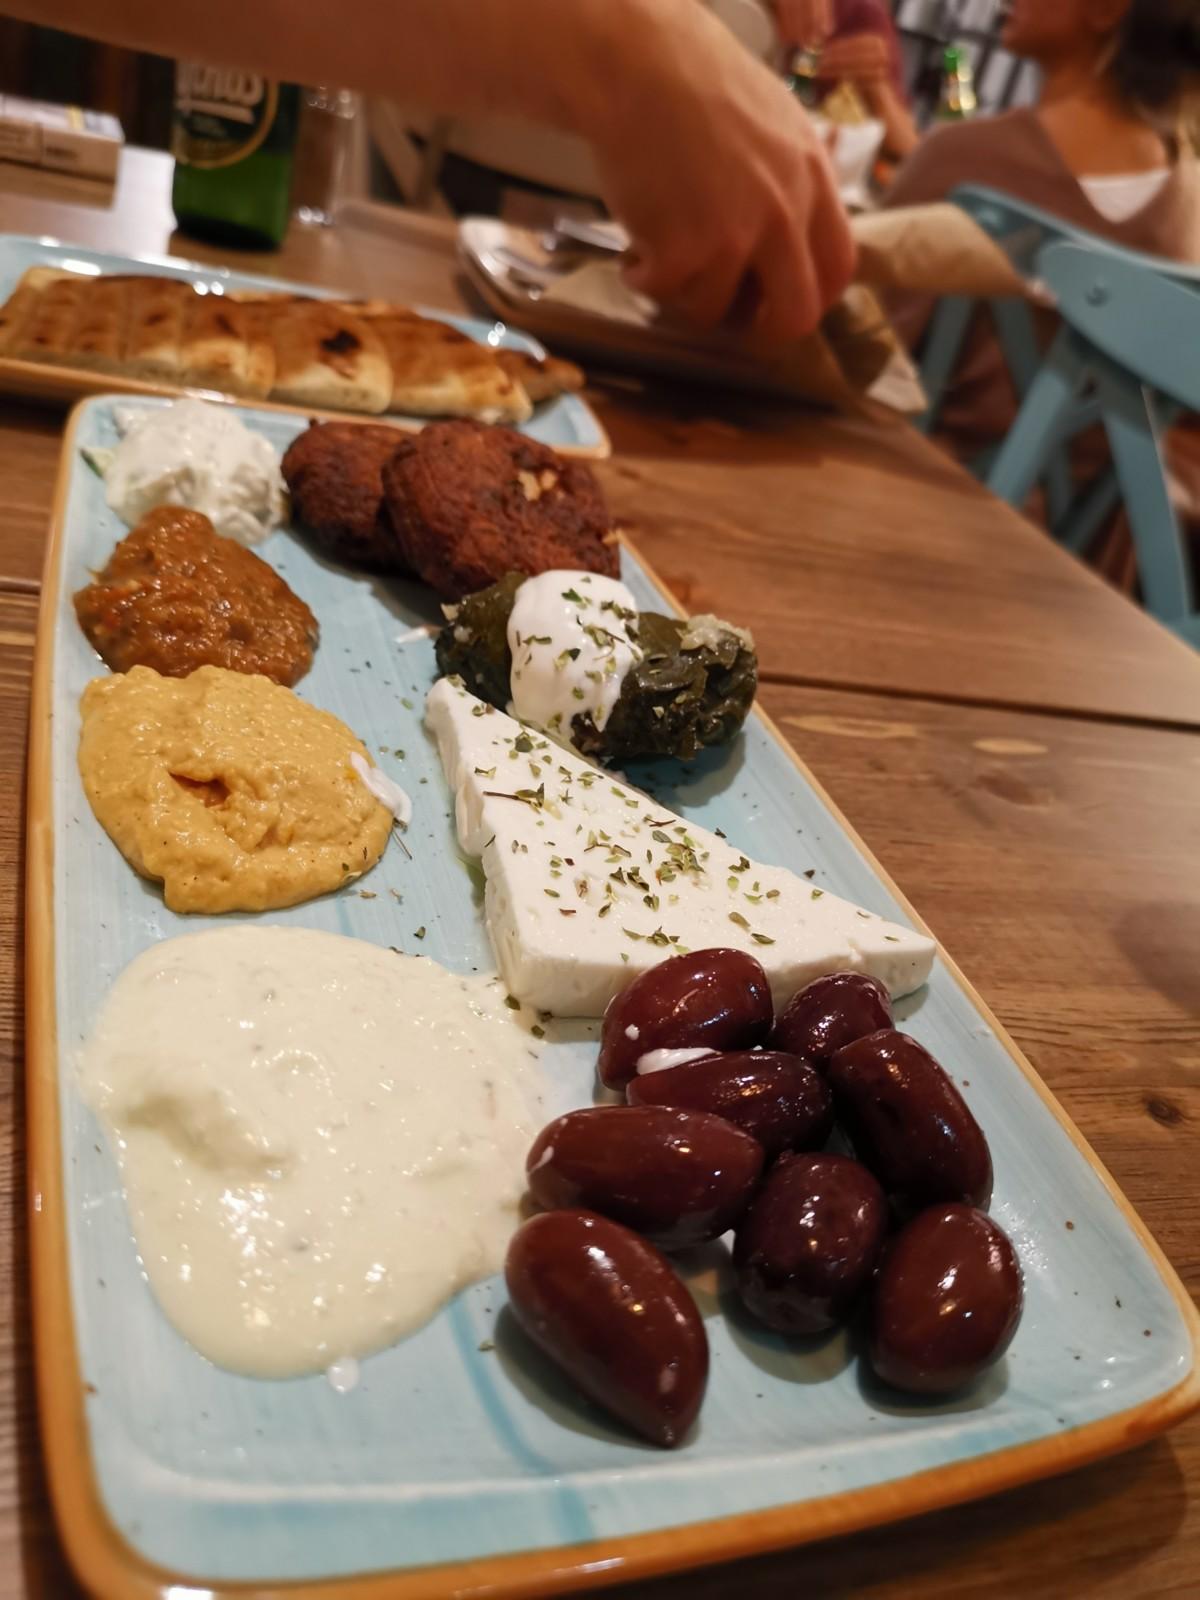 Griechische Meze um den Magen auf die folgende Fleischorgie vorzubereiten. Foto: Max/Lunchgate